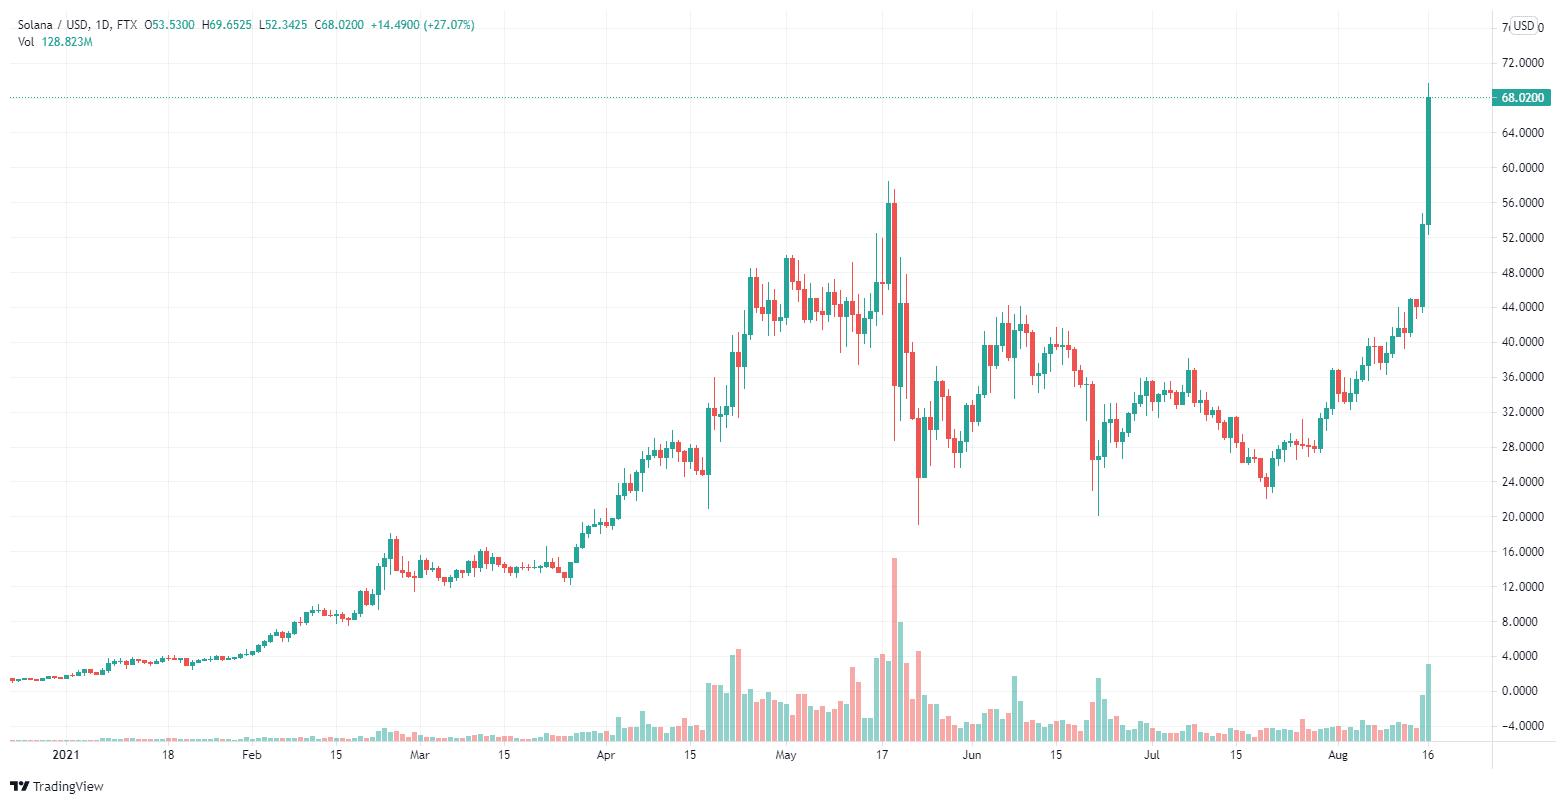 El precio deSolana(SOL) en las últimas 24 horas hacrecido más de un 40%,de unos 46 dólares a más de 67 dólares.